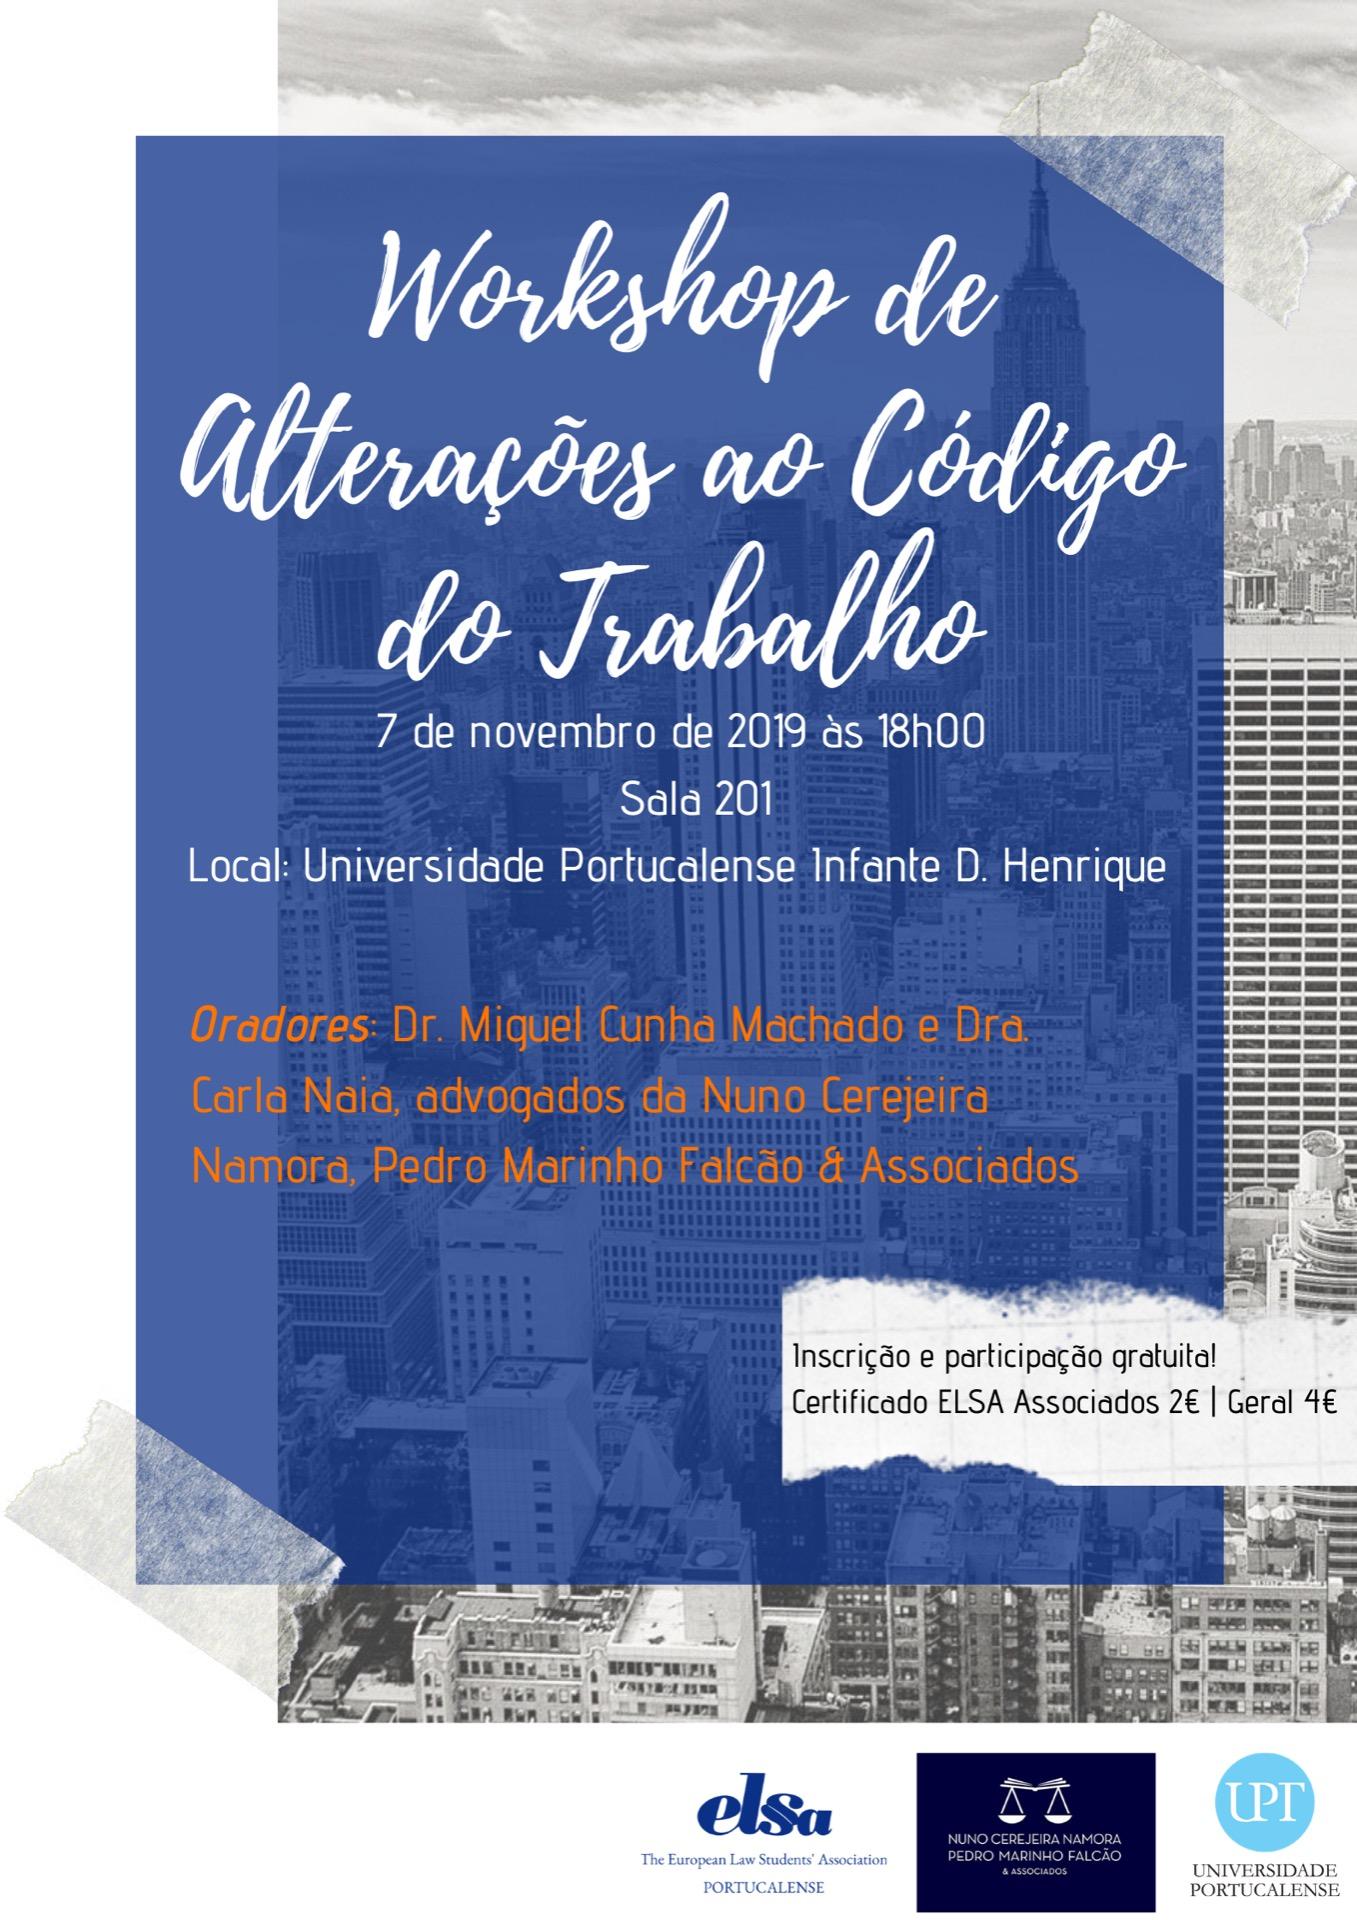 Workshop de Alterações ao Código de Trabalho